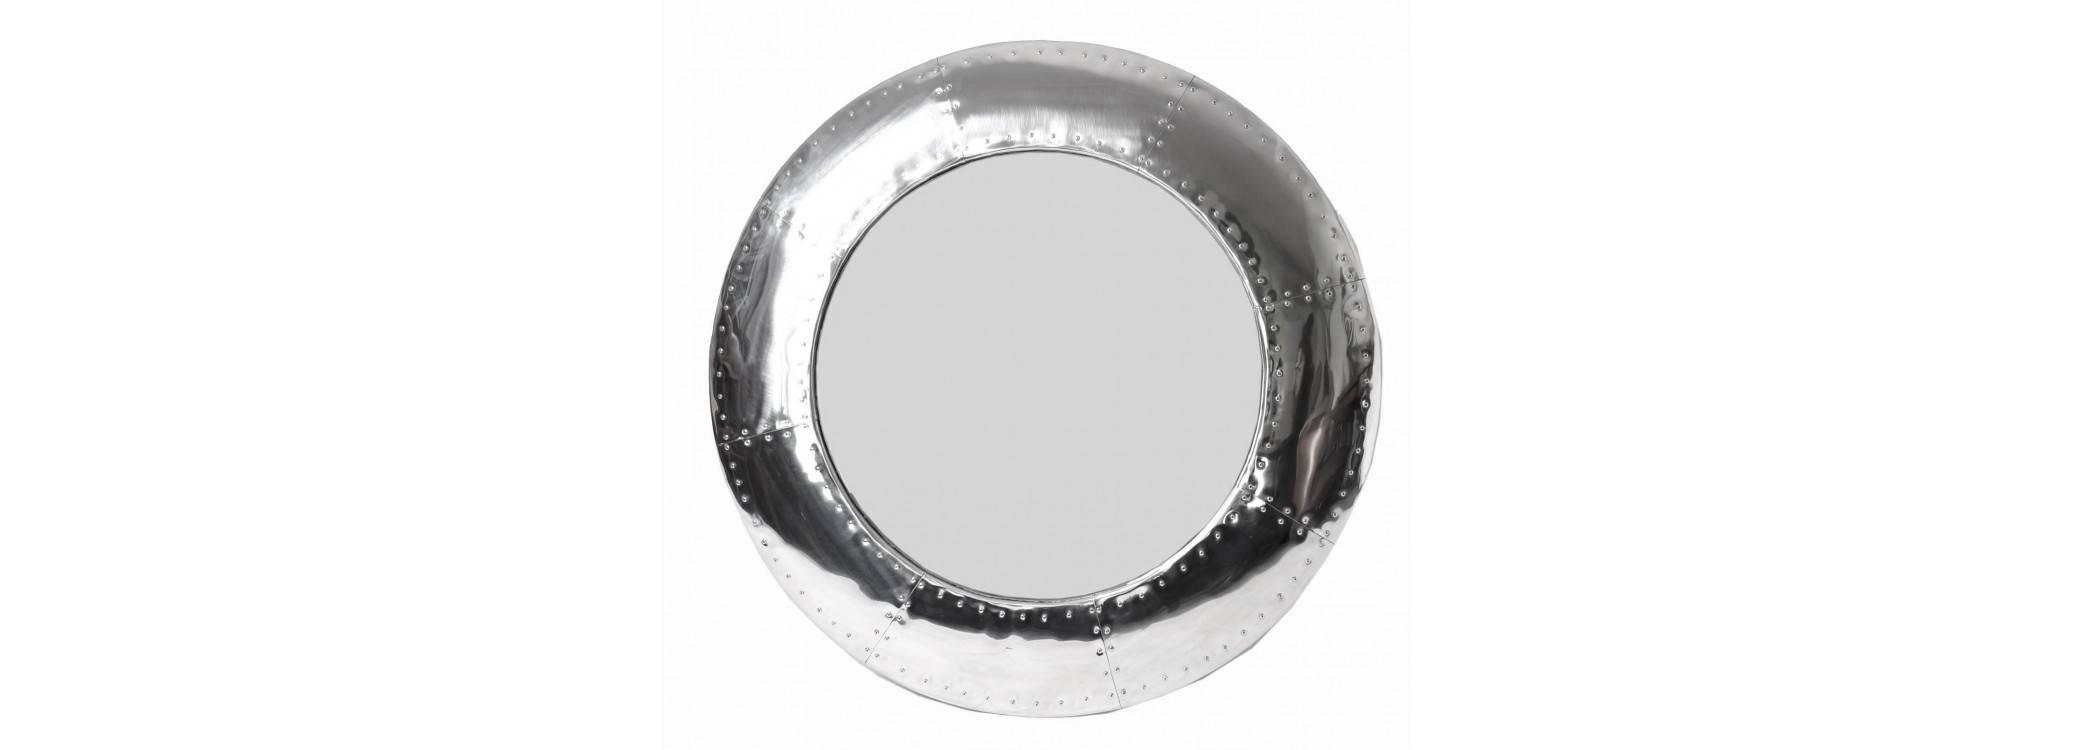 DC3 Mirror - Round